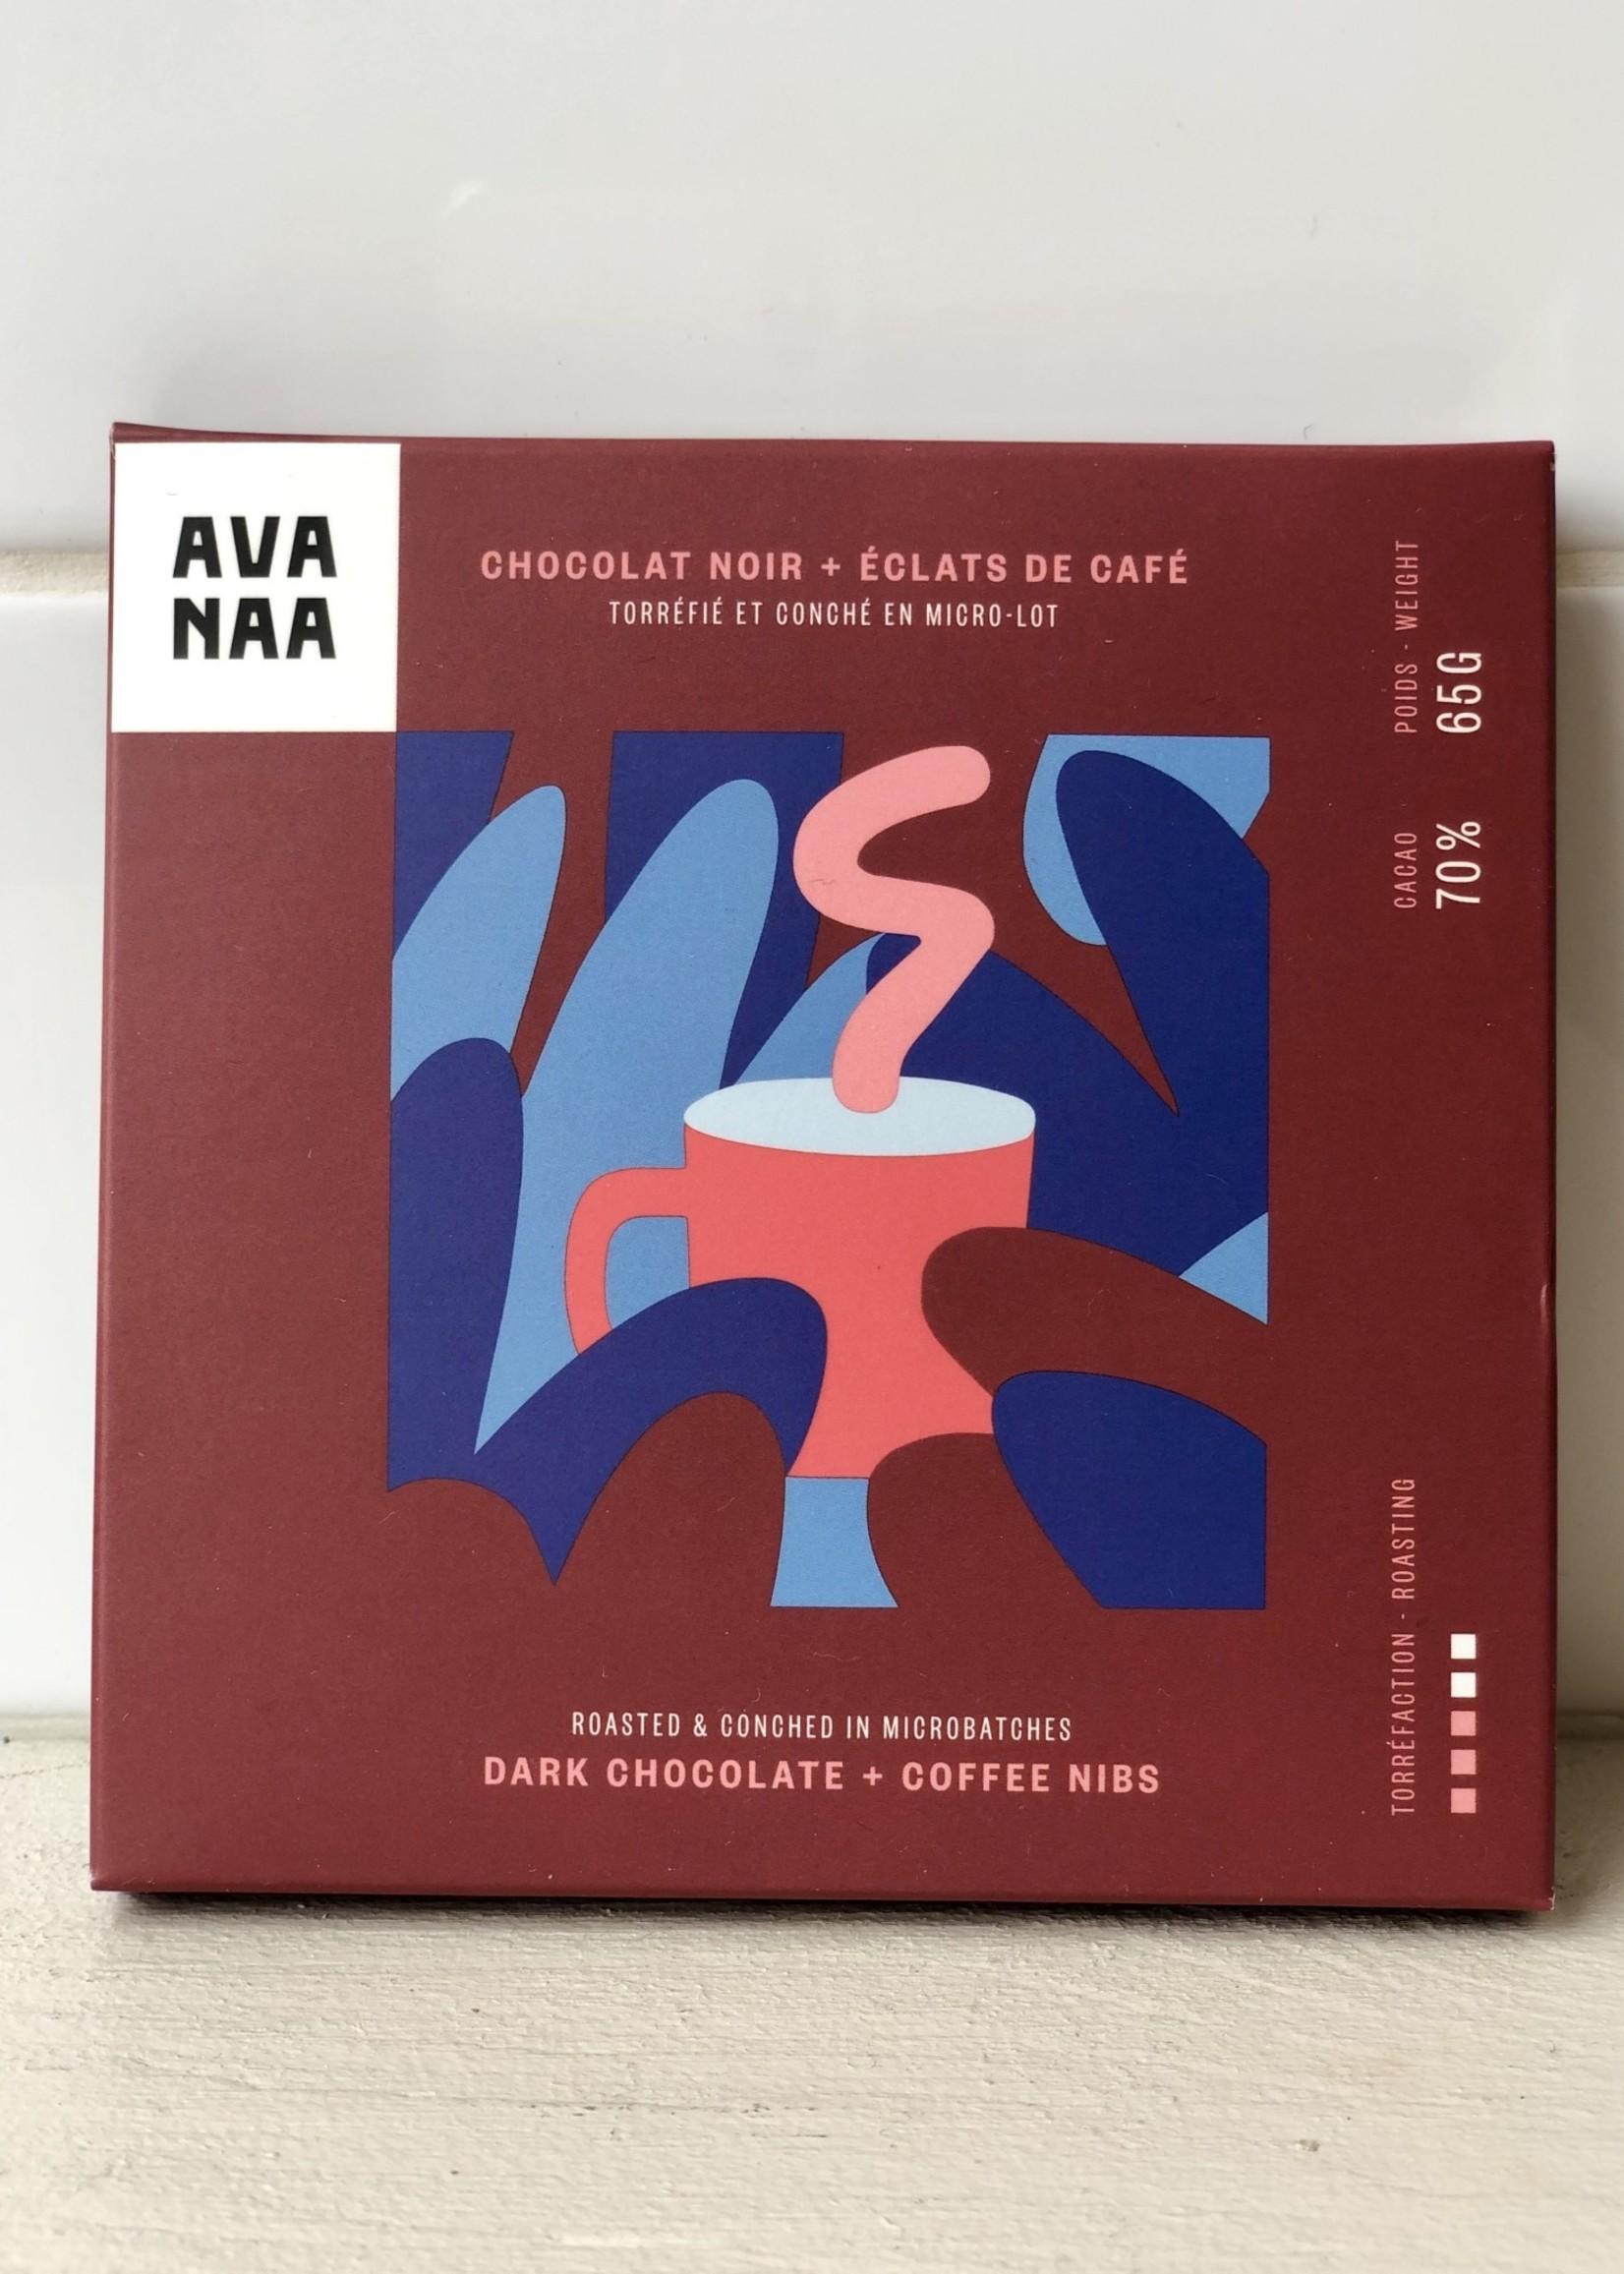 Avanaa Barres de chocolat de Avanaa